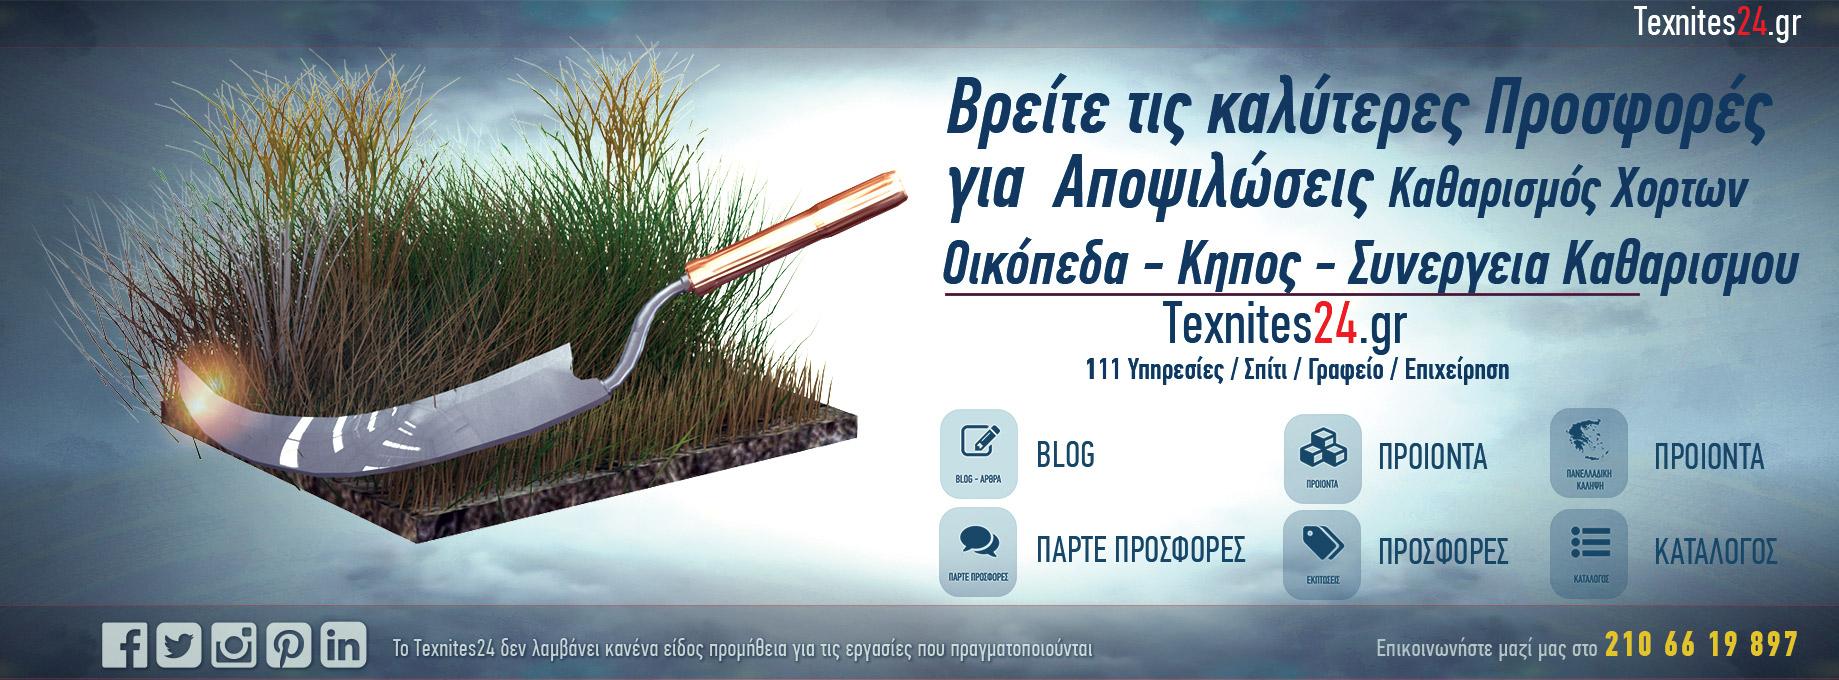 Αποψίλωση, Καθαρισμός Οικοπέδων, Κήπων, Κοπή Χόρτων Texnites24